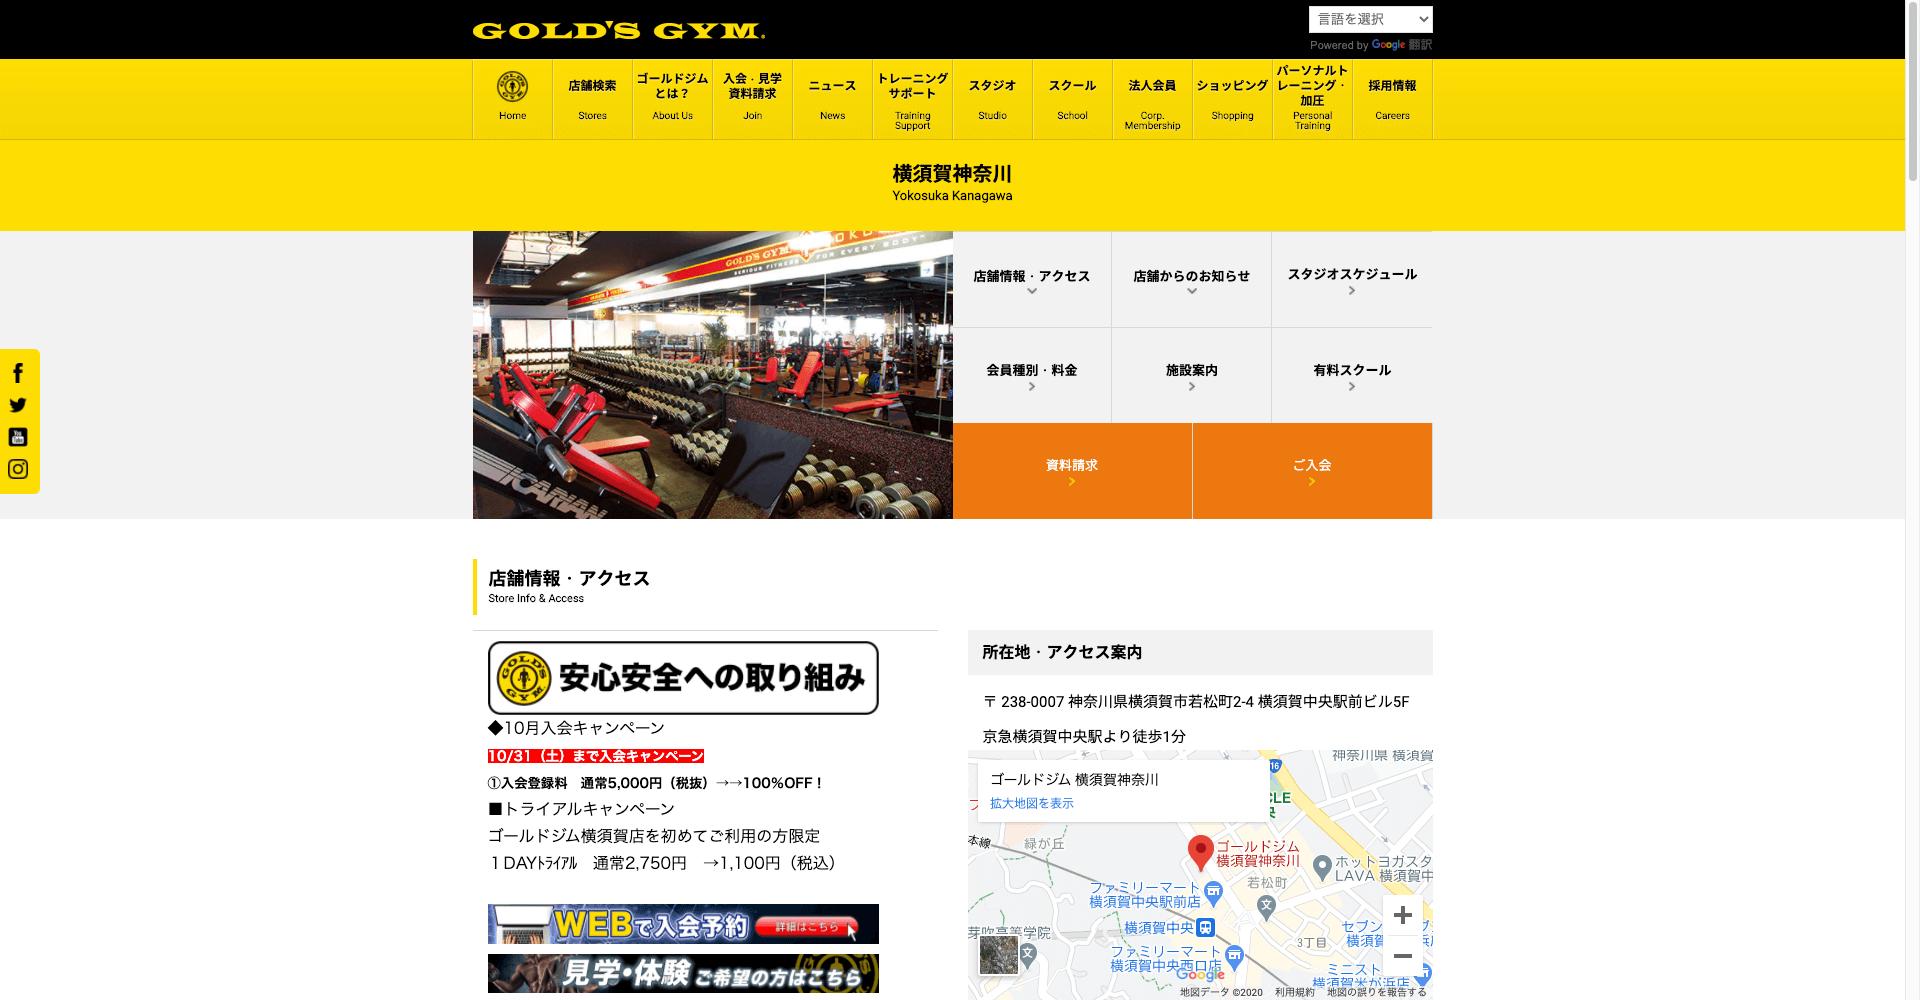 ゴールドジム 横須賀神奈川